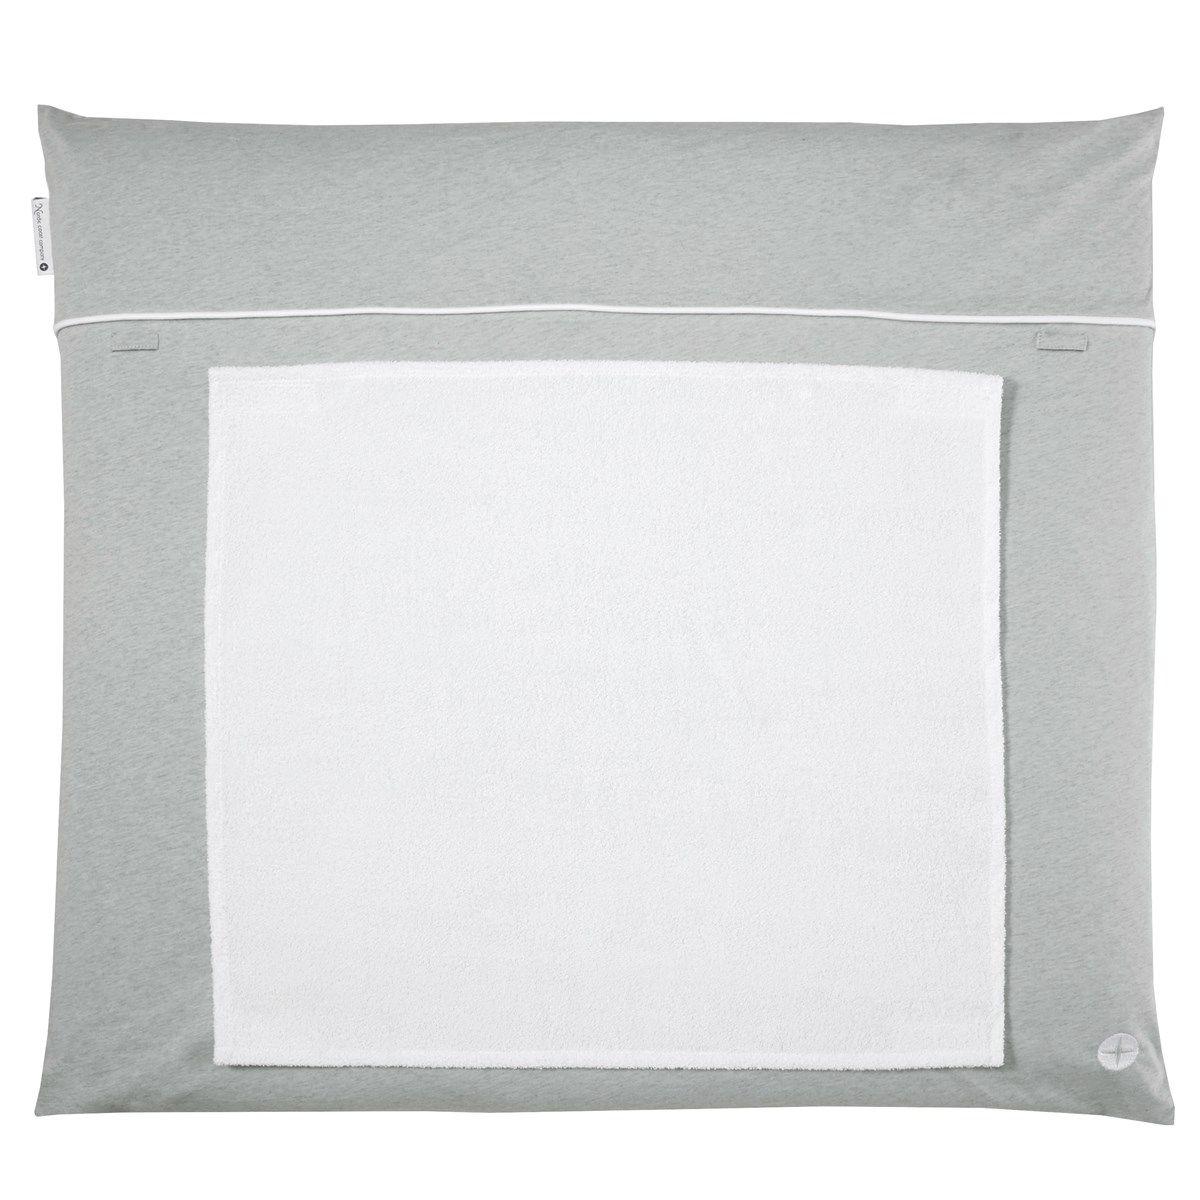 Matelas à langer 70x80cm lavable tissu en gris avec serviette imperméable